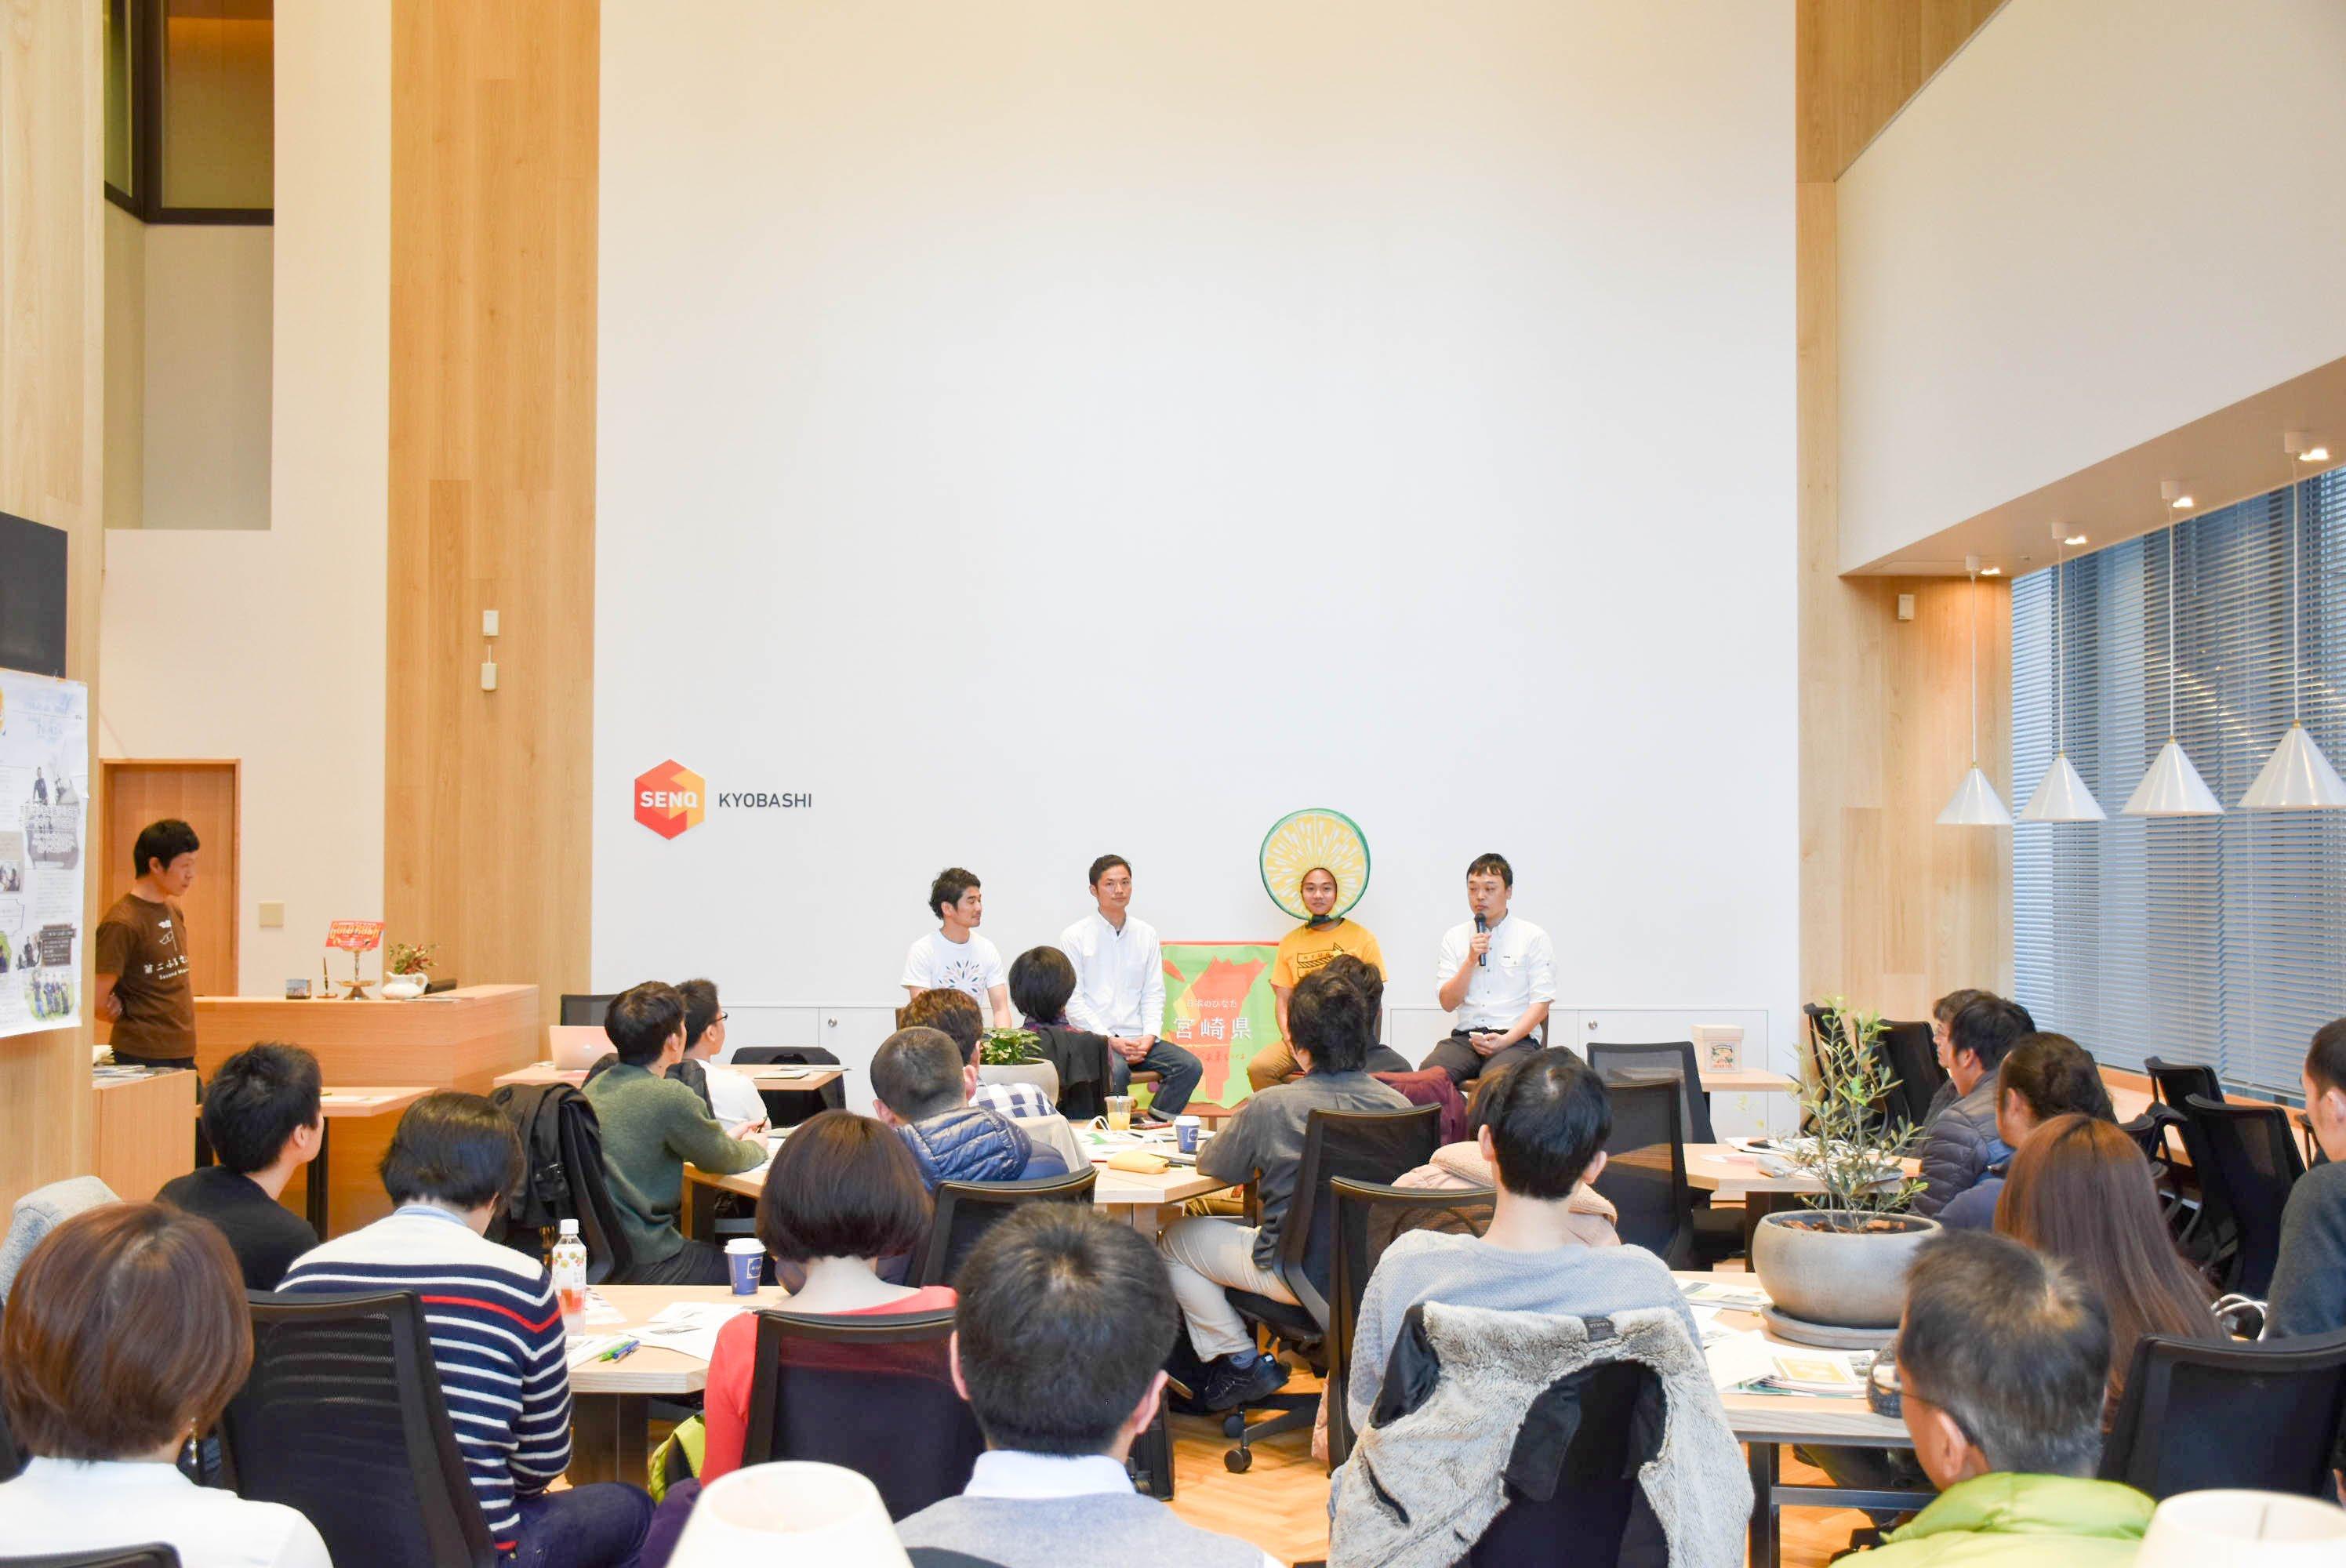 イベント開催時のコワーキングスペース